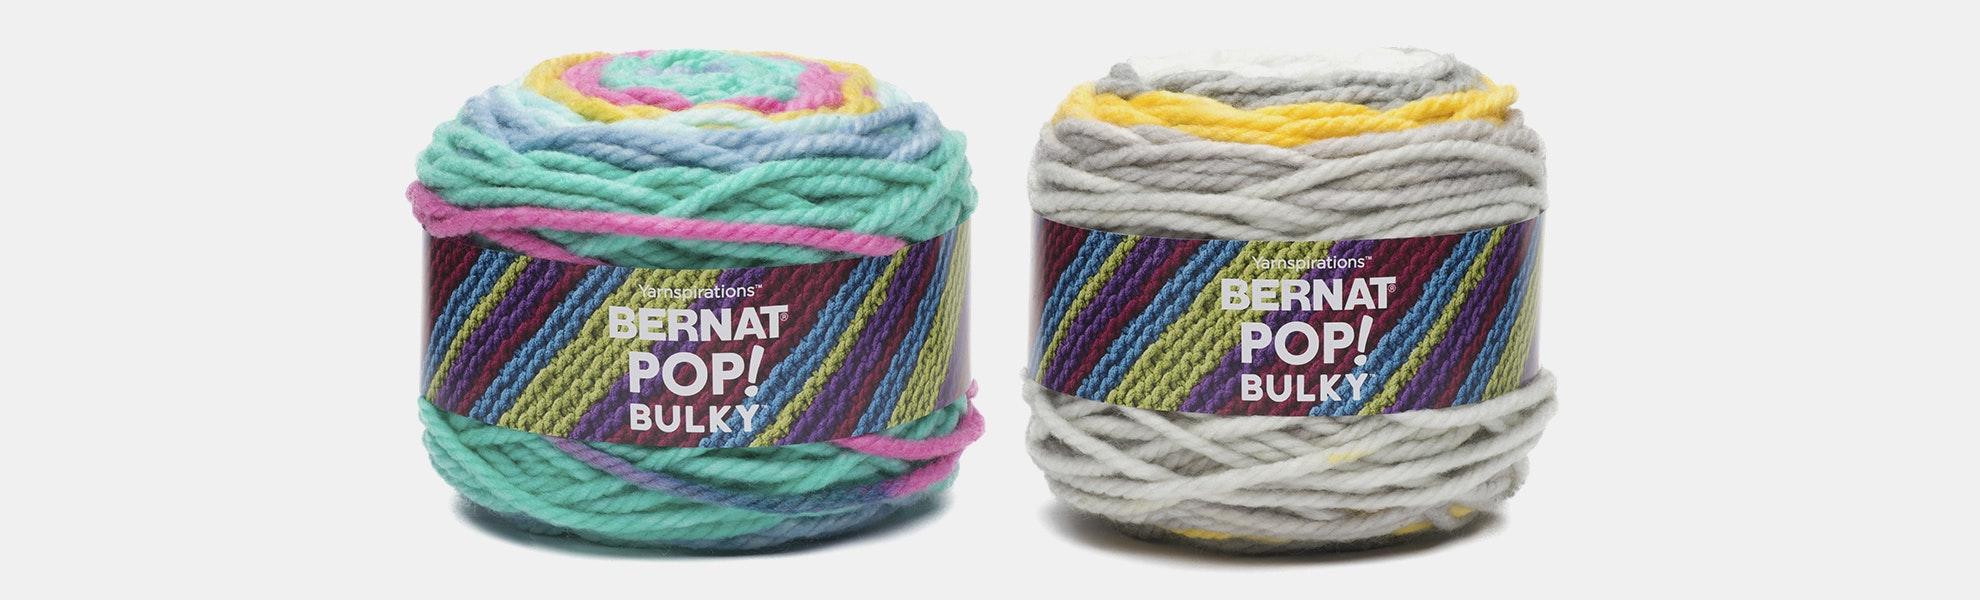 Bernat POP! Bulky Yarn (2-Pack)